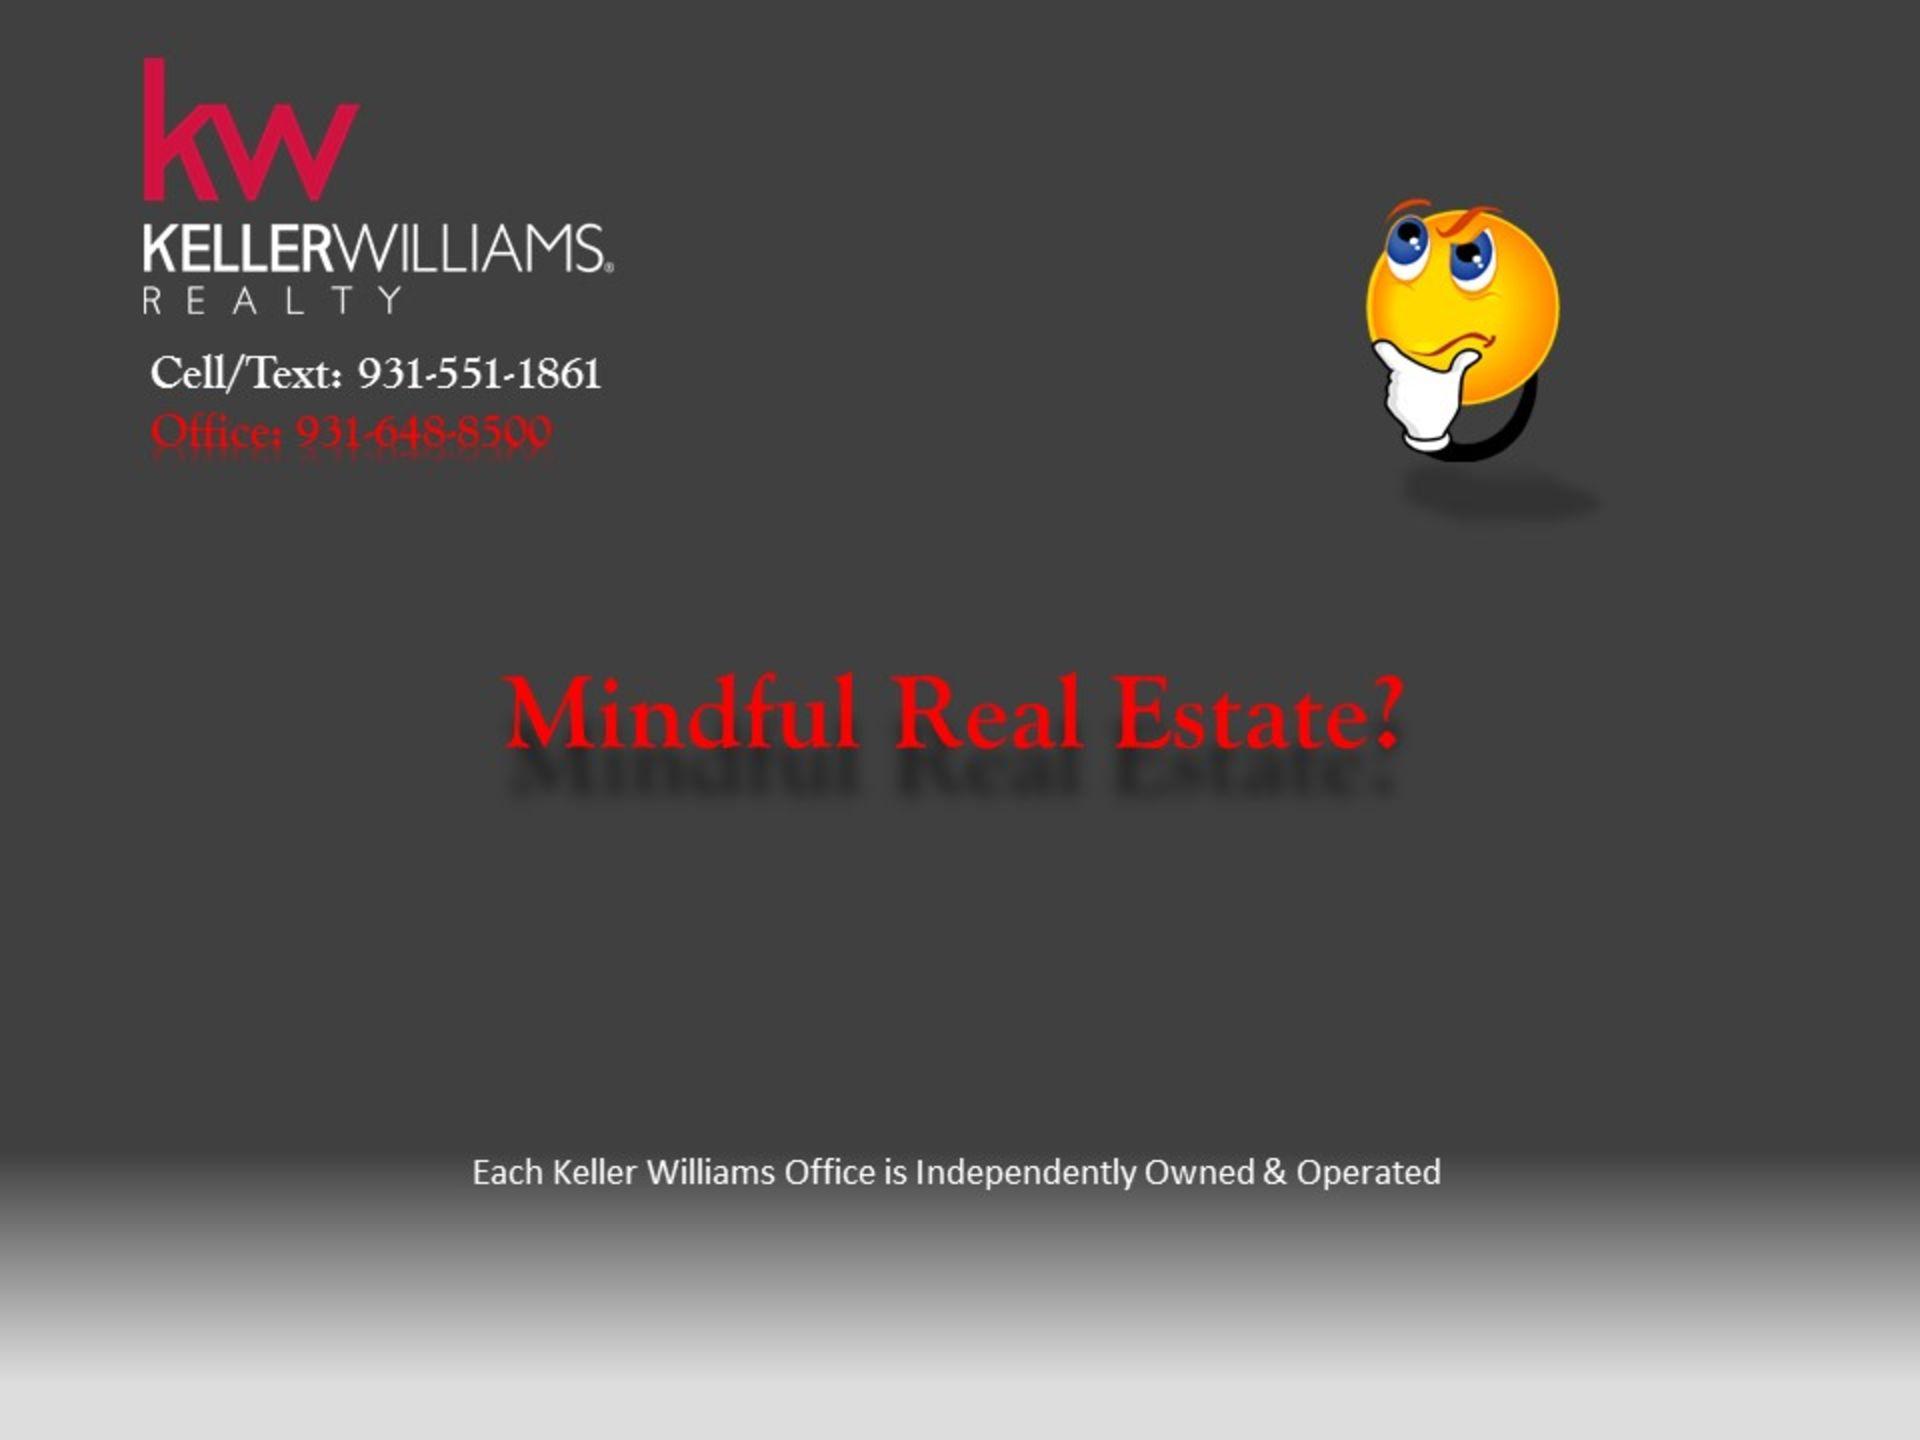 Mindful Real Estate?